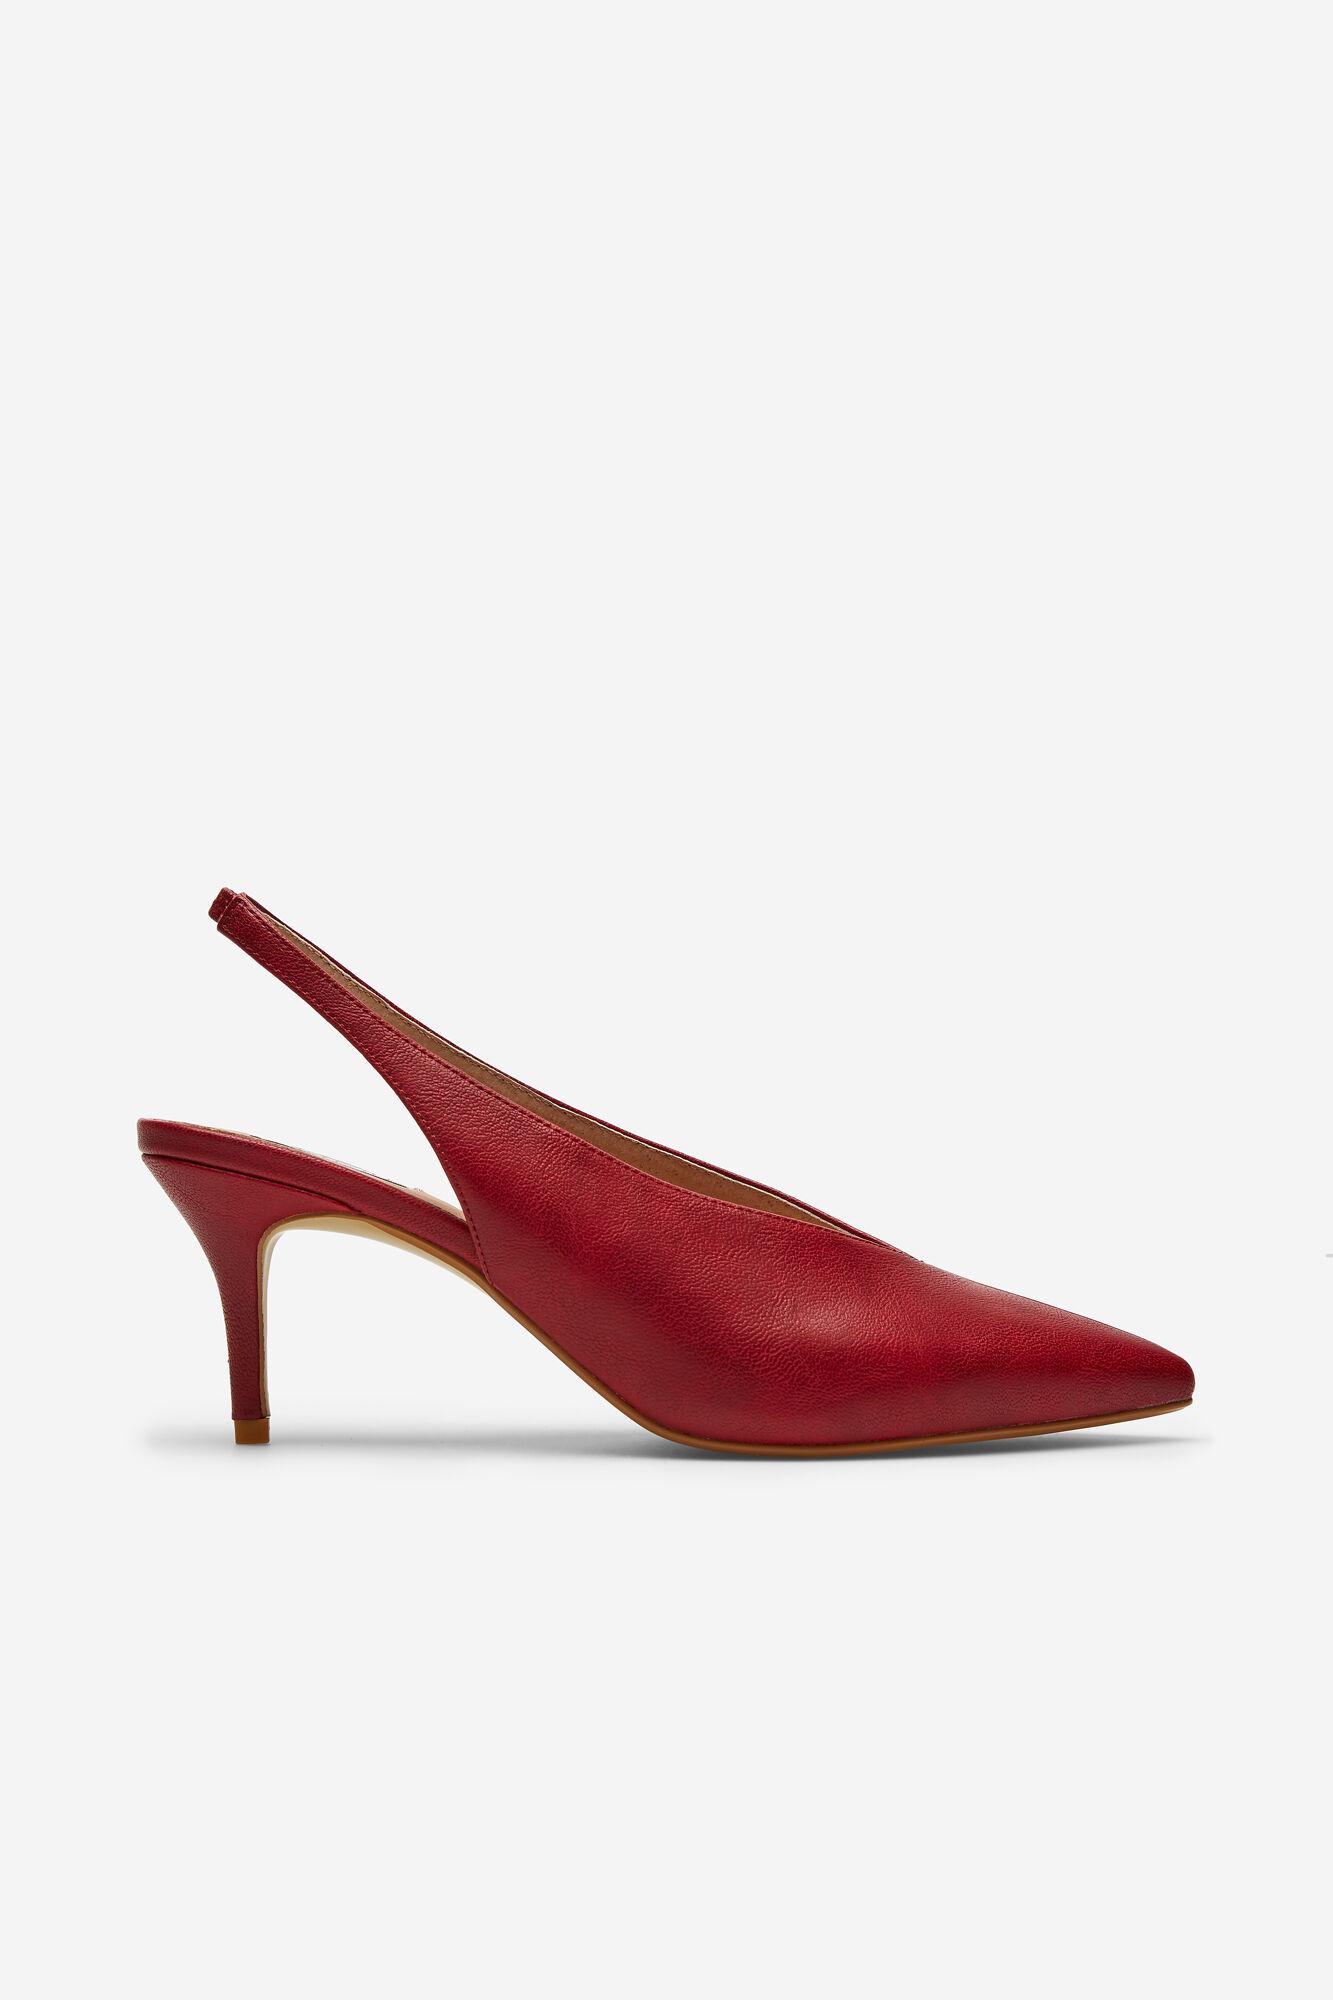 Zapato Zapato V Destalonado Escote Salón Salón 0knPwX8O